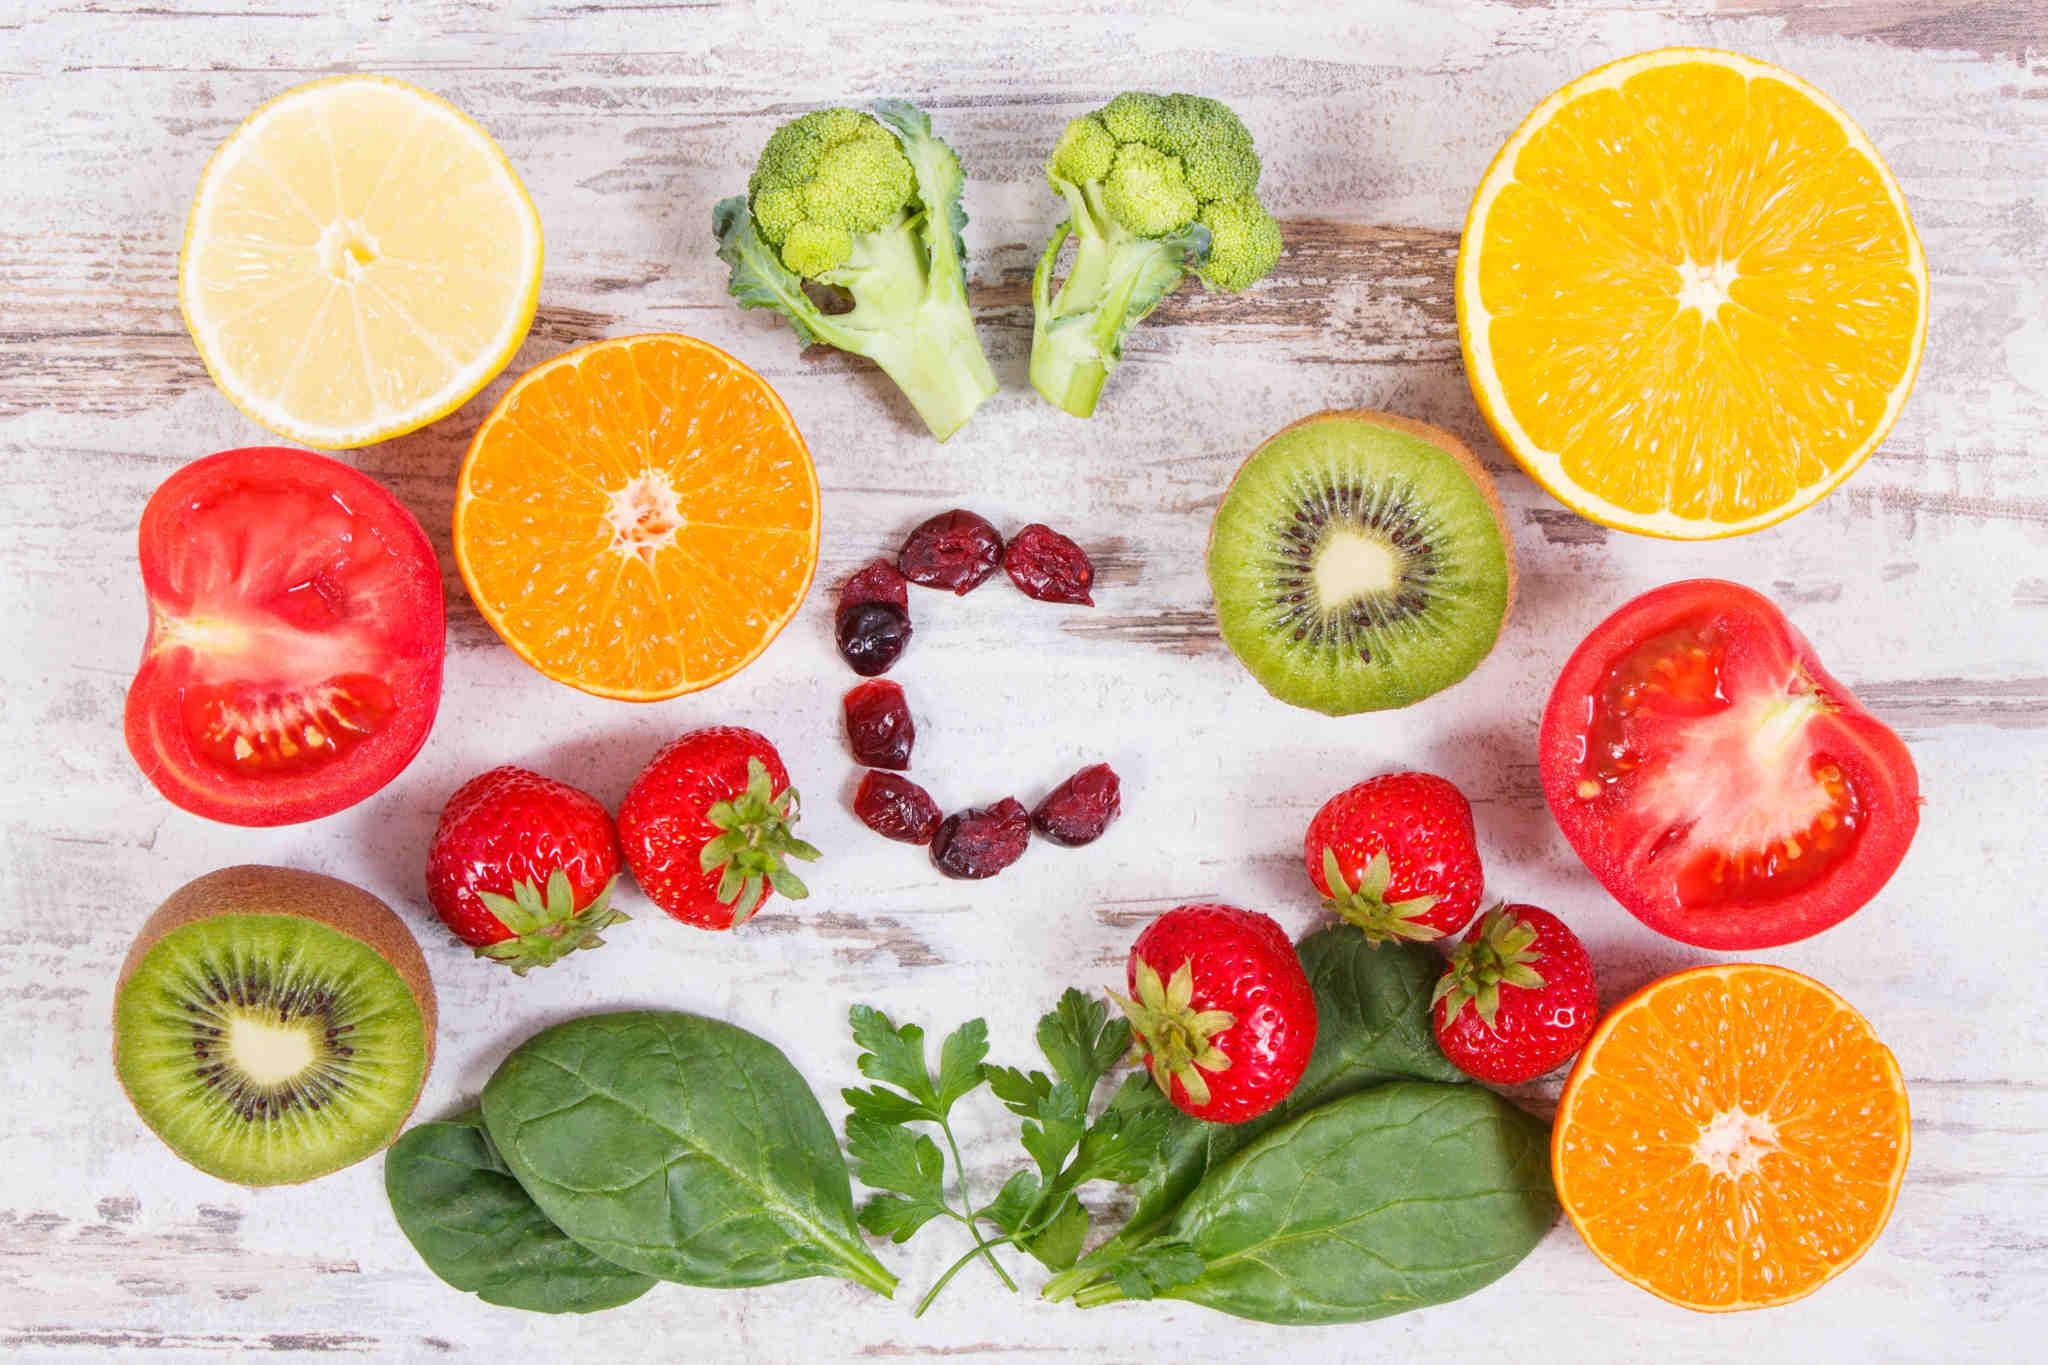 c vitamini içeren meyveler, eklem ağrılarına ne iyi gelir